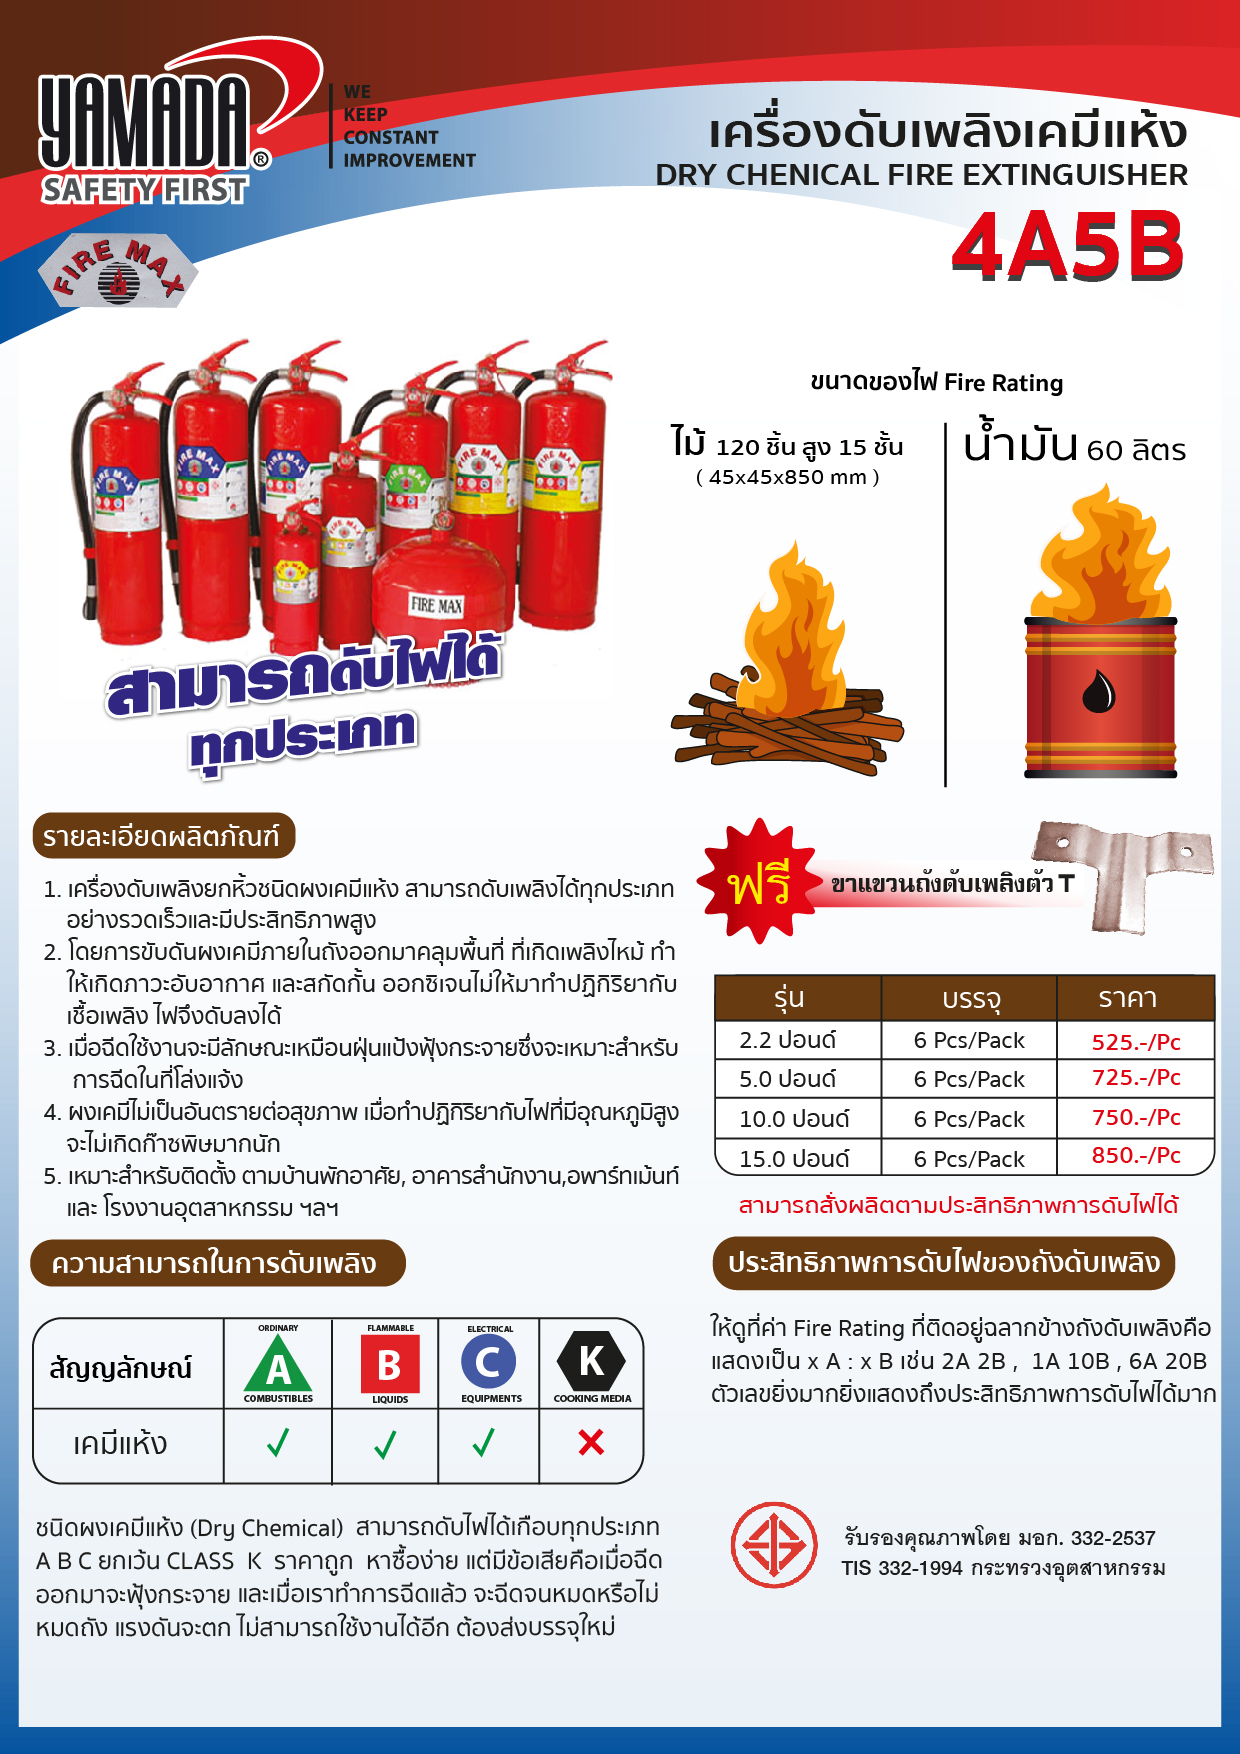 (12/14) เครื่องดับเพลิงเคมีแห้ง